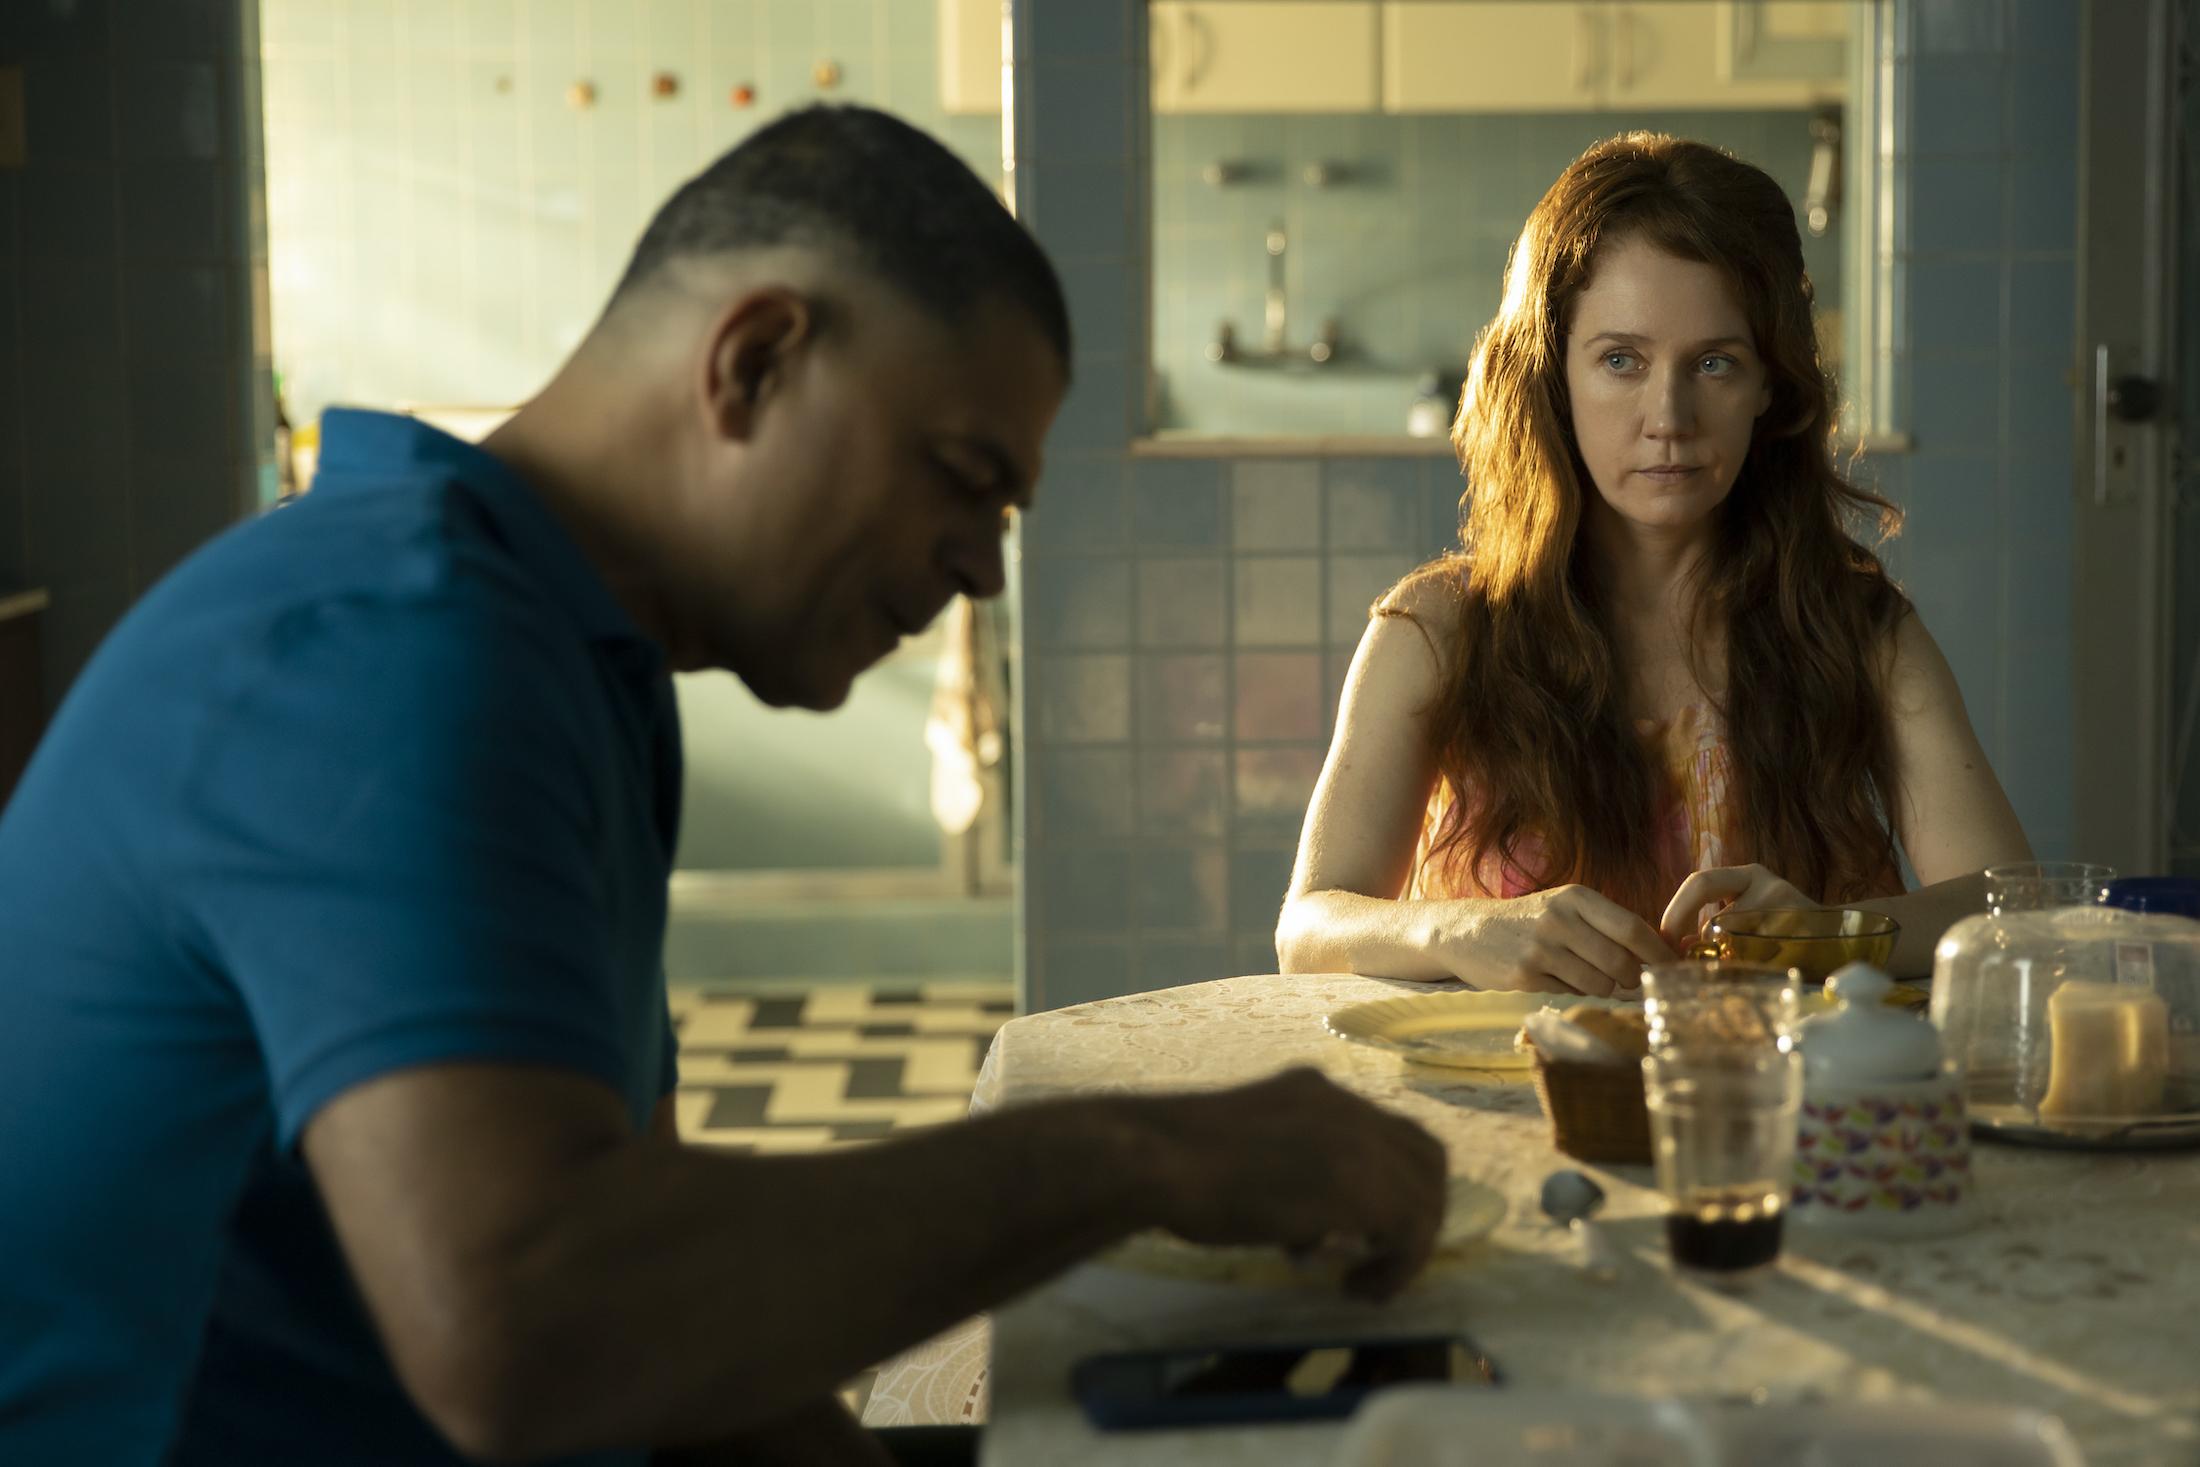 Buongiorno, Verônica: Eduardo Moscovis e Camila Morgado in una scena della serie